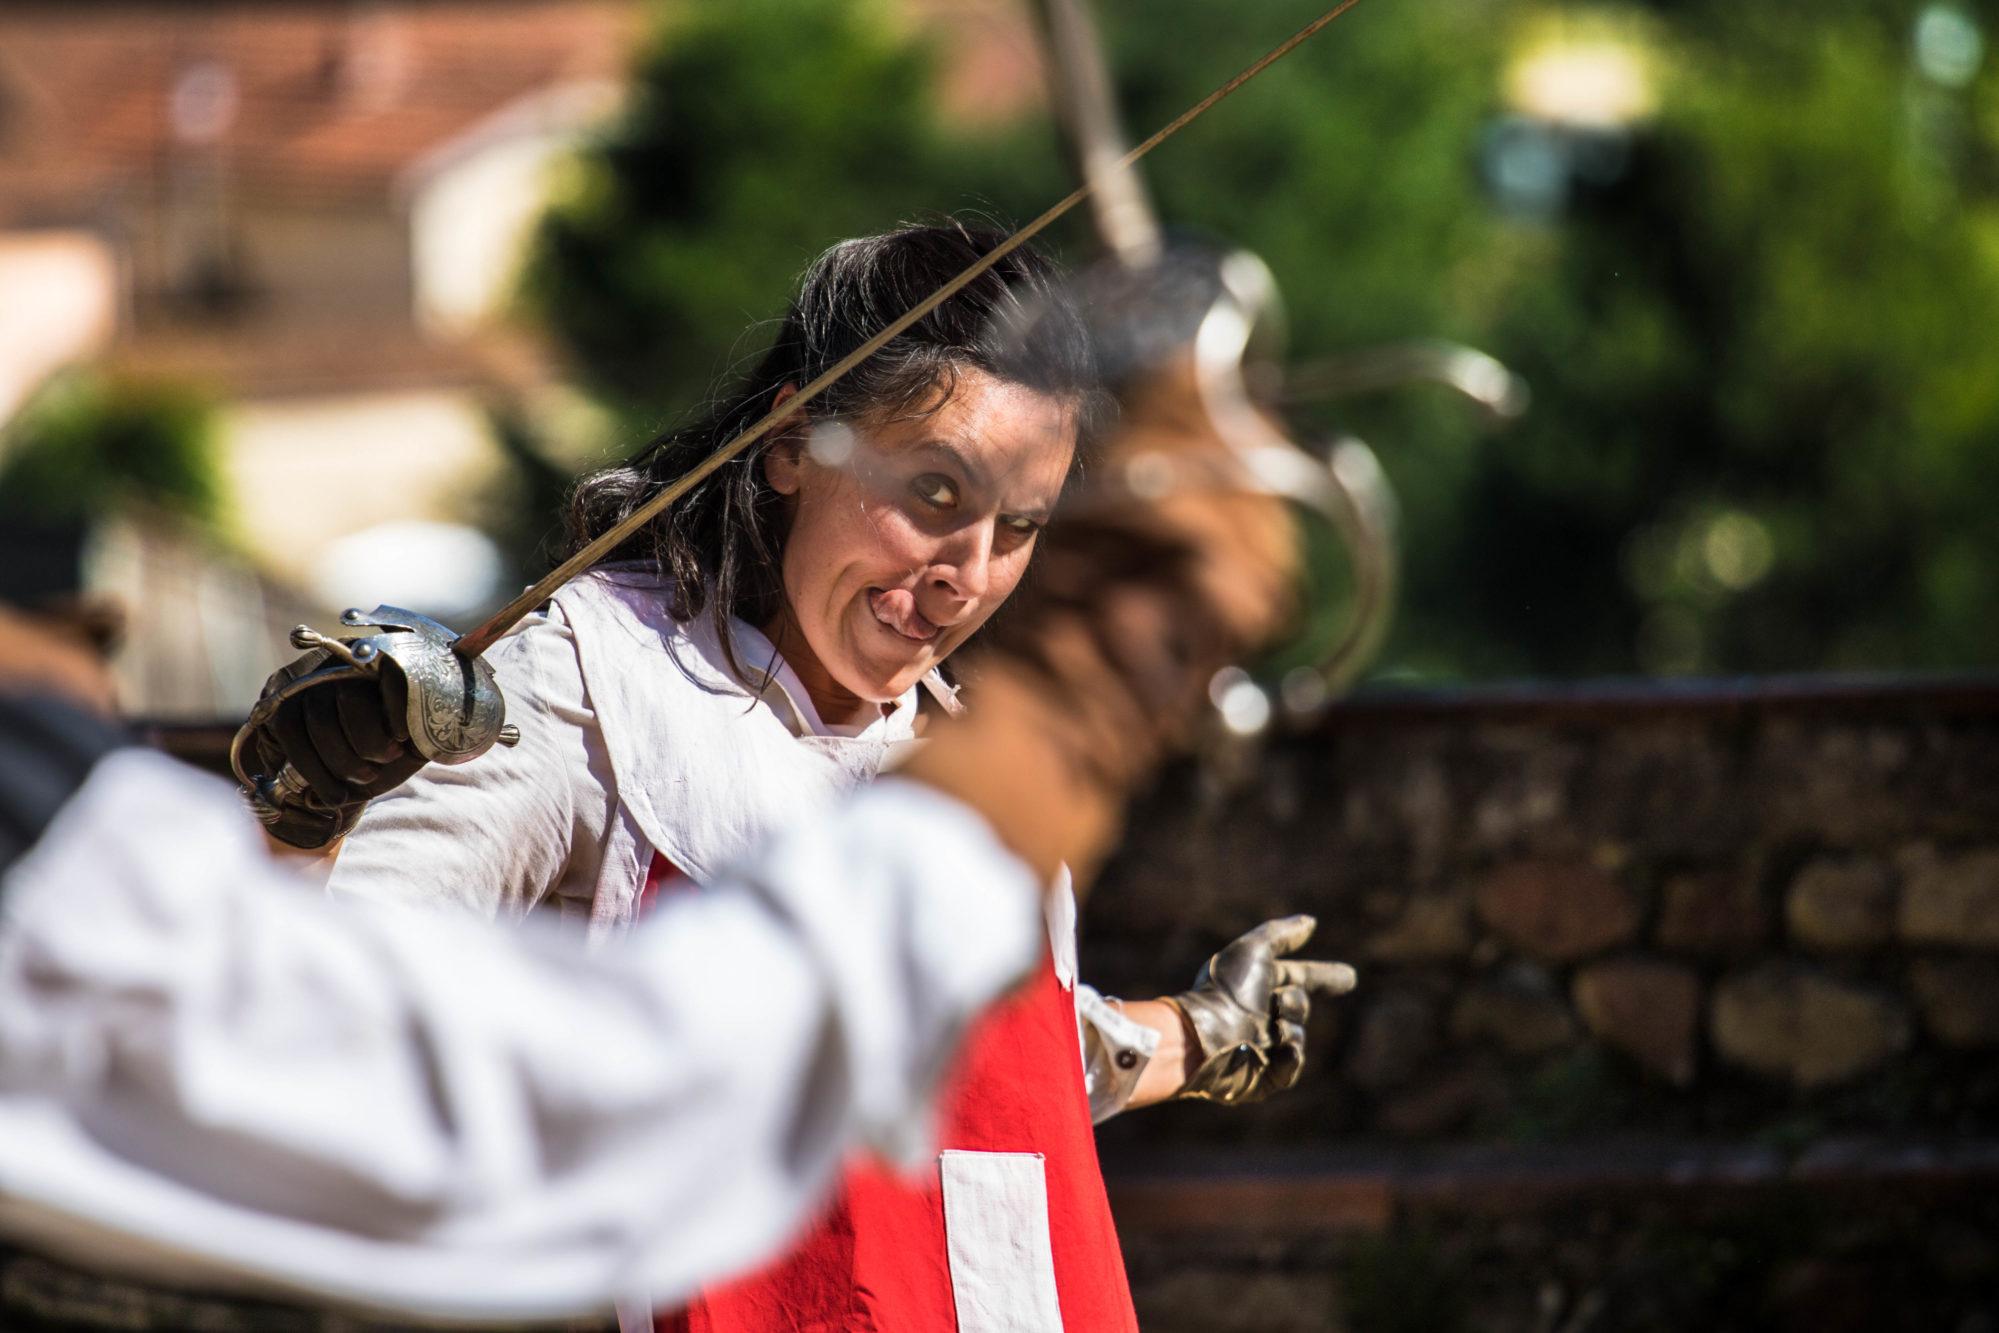 Garde-cardinal-Un-pour-tous-Moi-dabord-Photo-Pacome-Rotondo